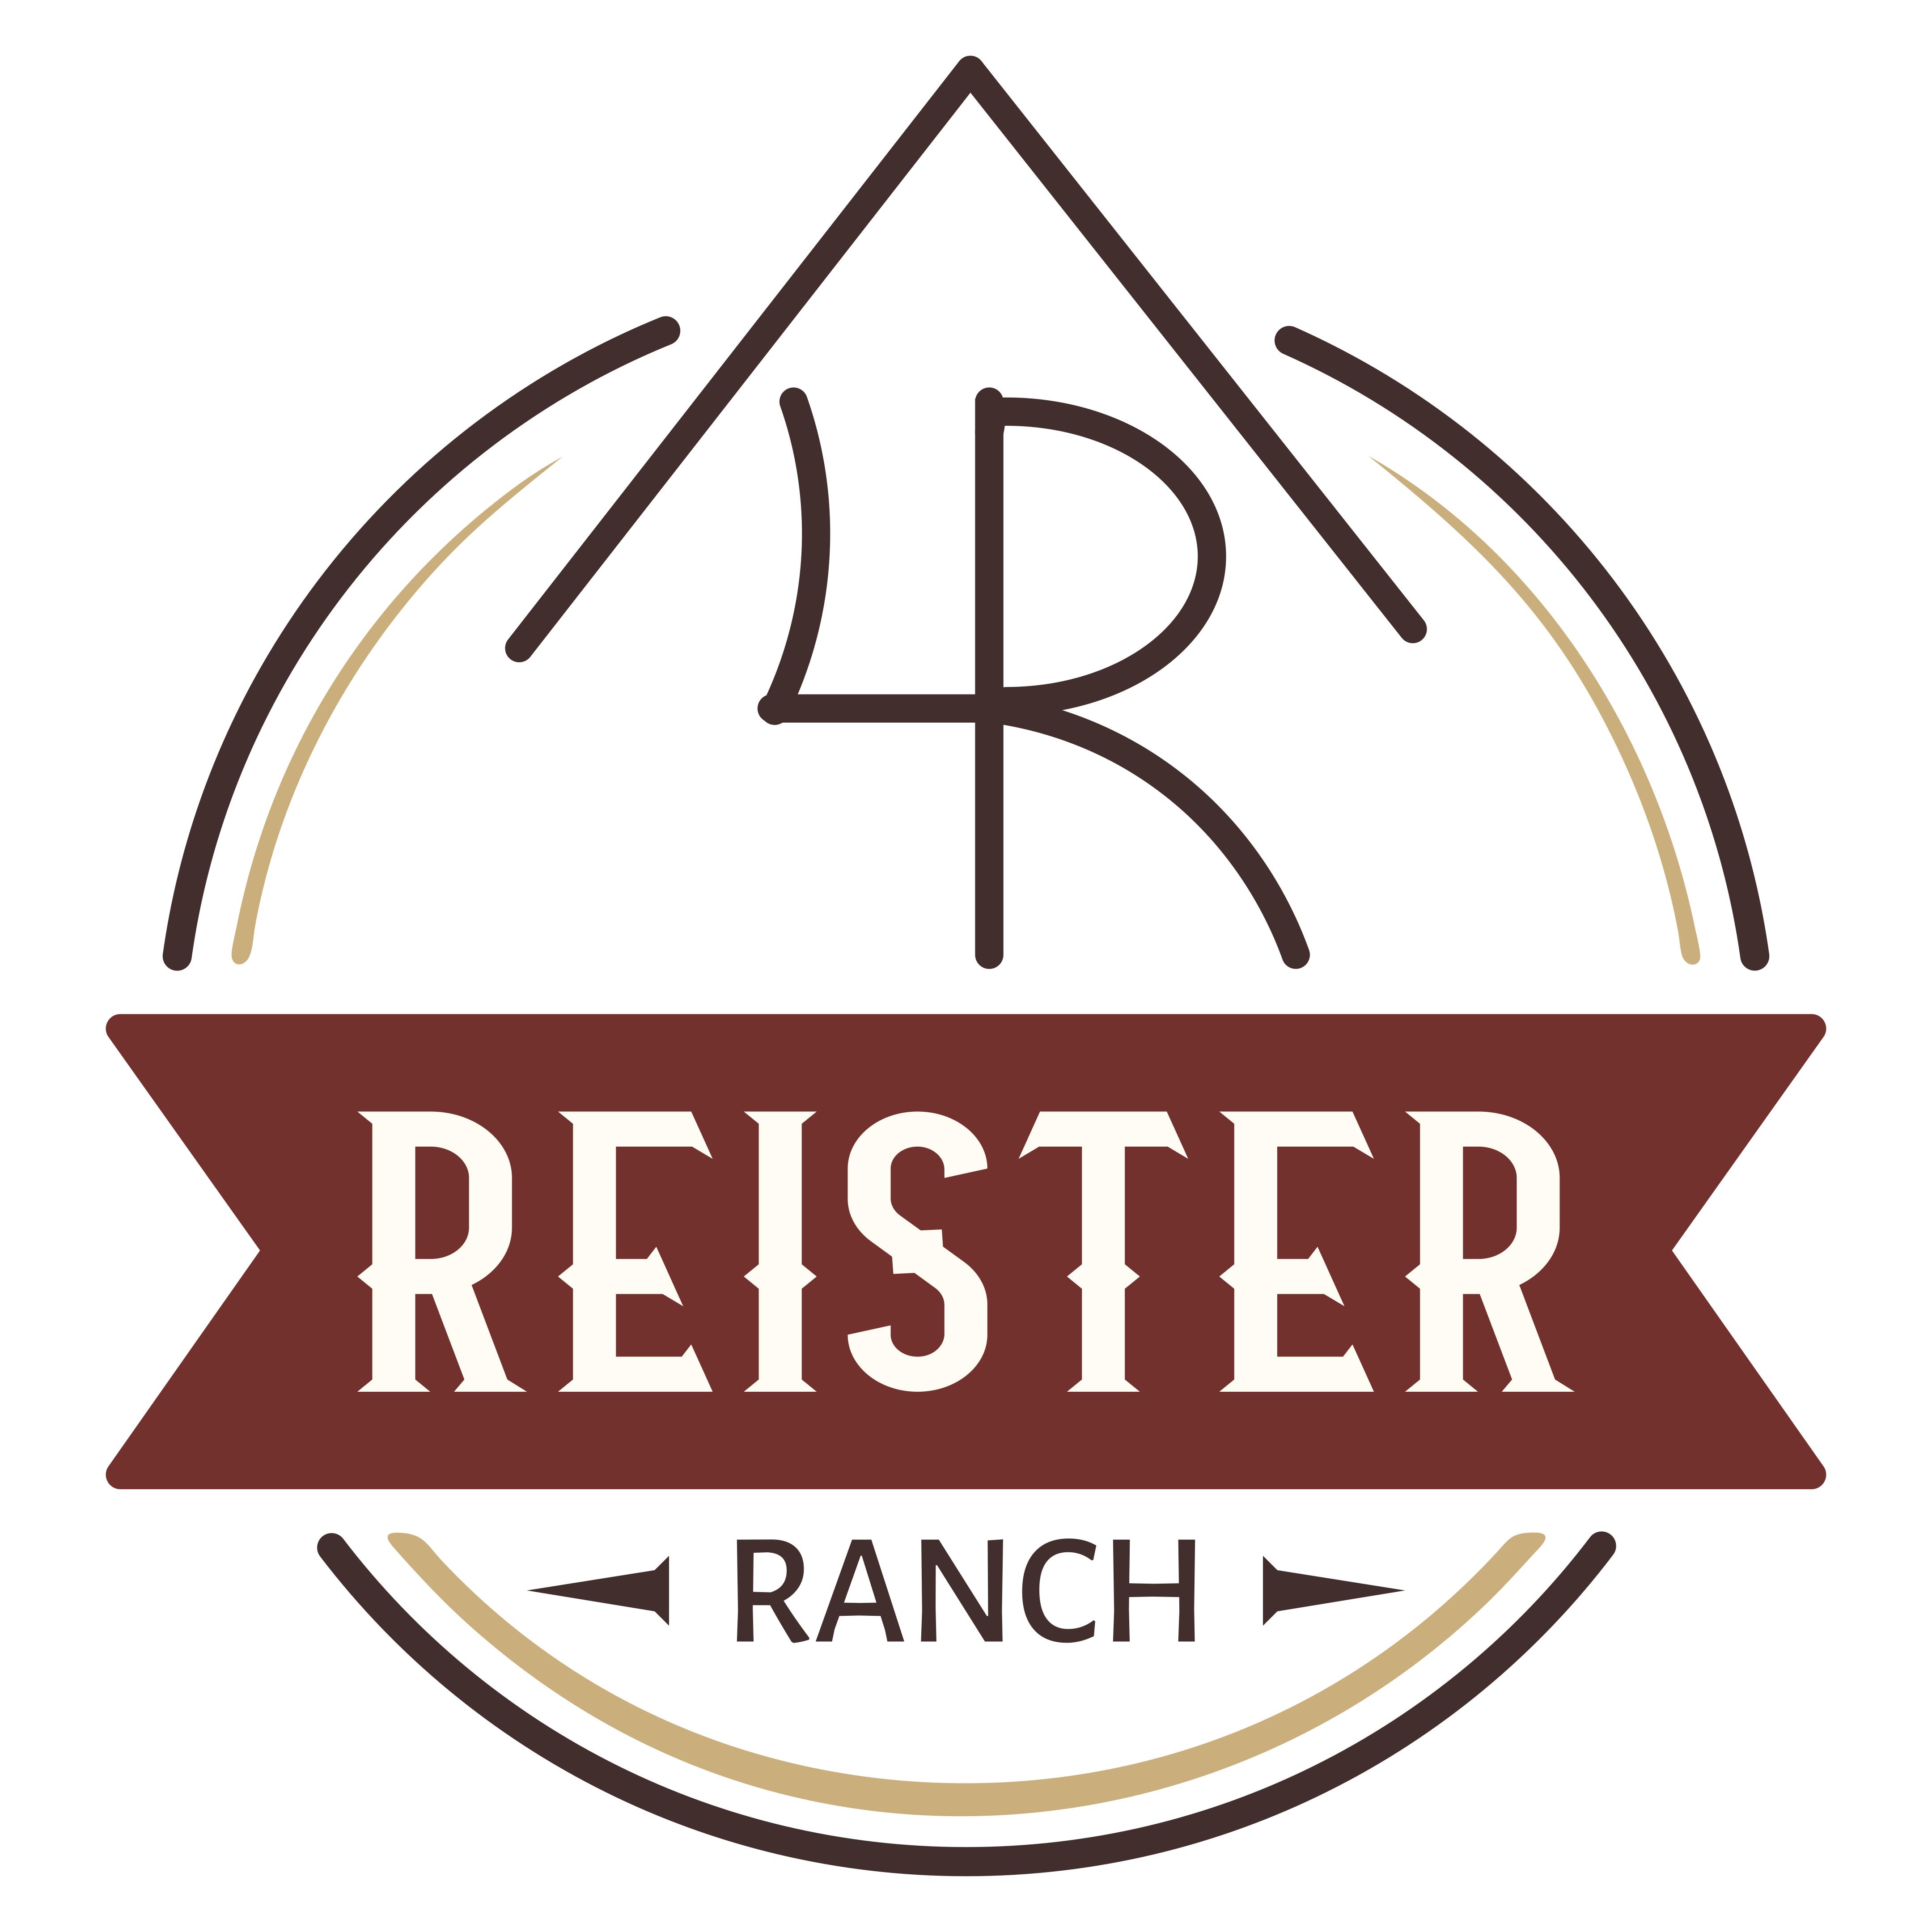 Reister Ranch